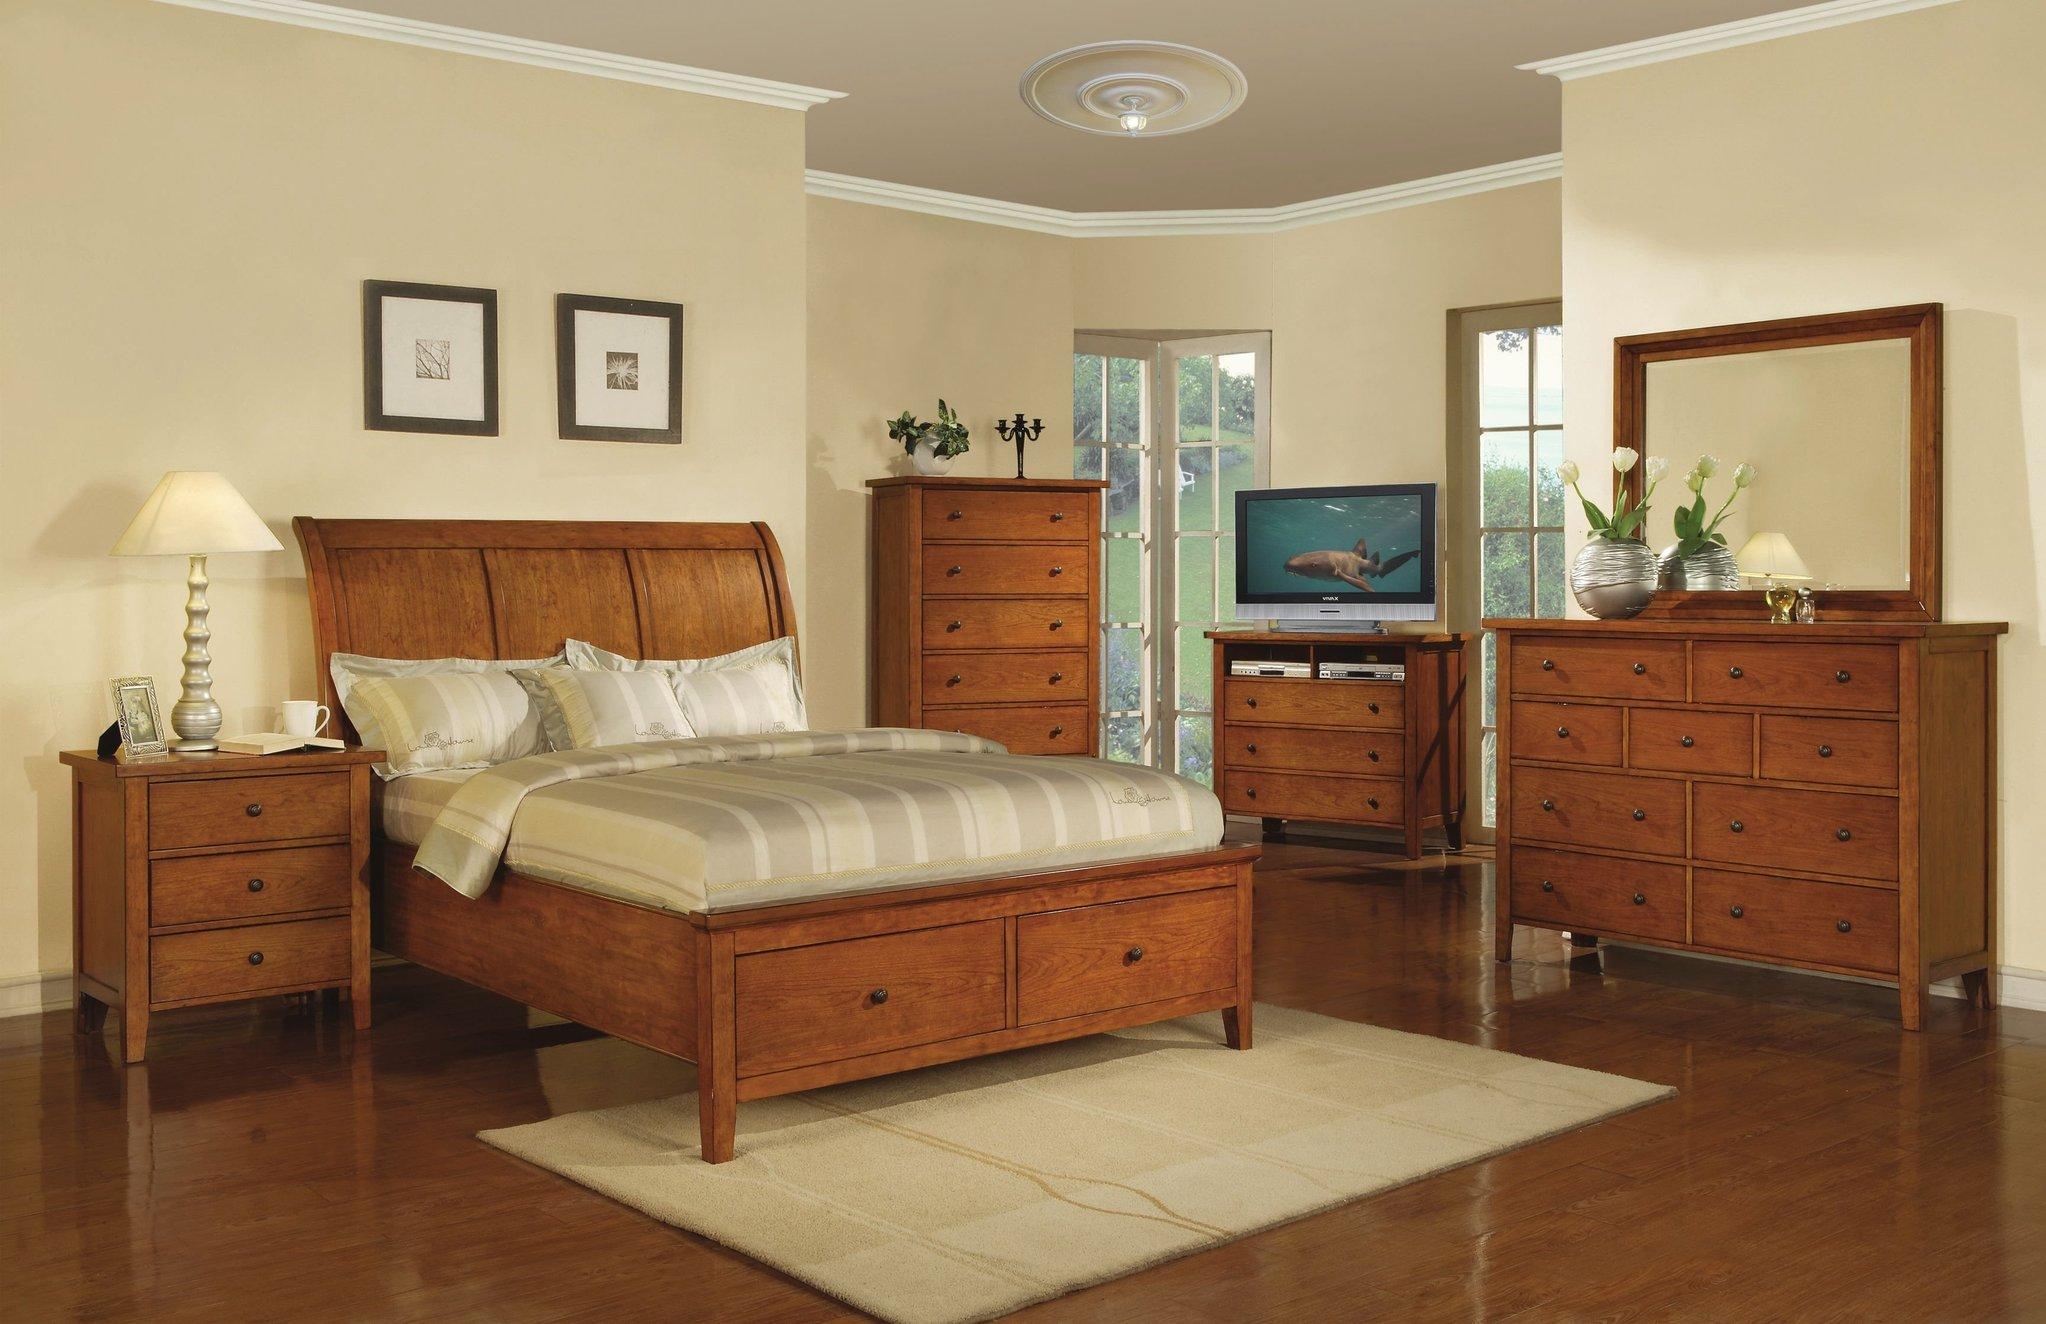 Vintage Bedroom Storage